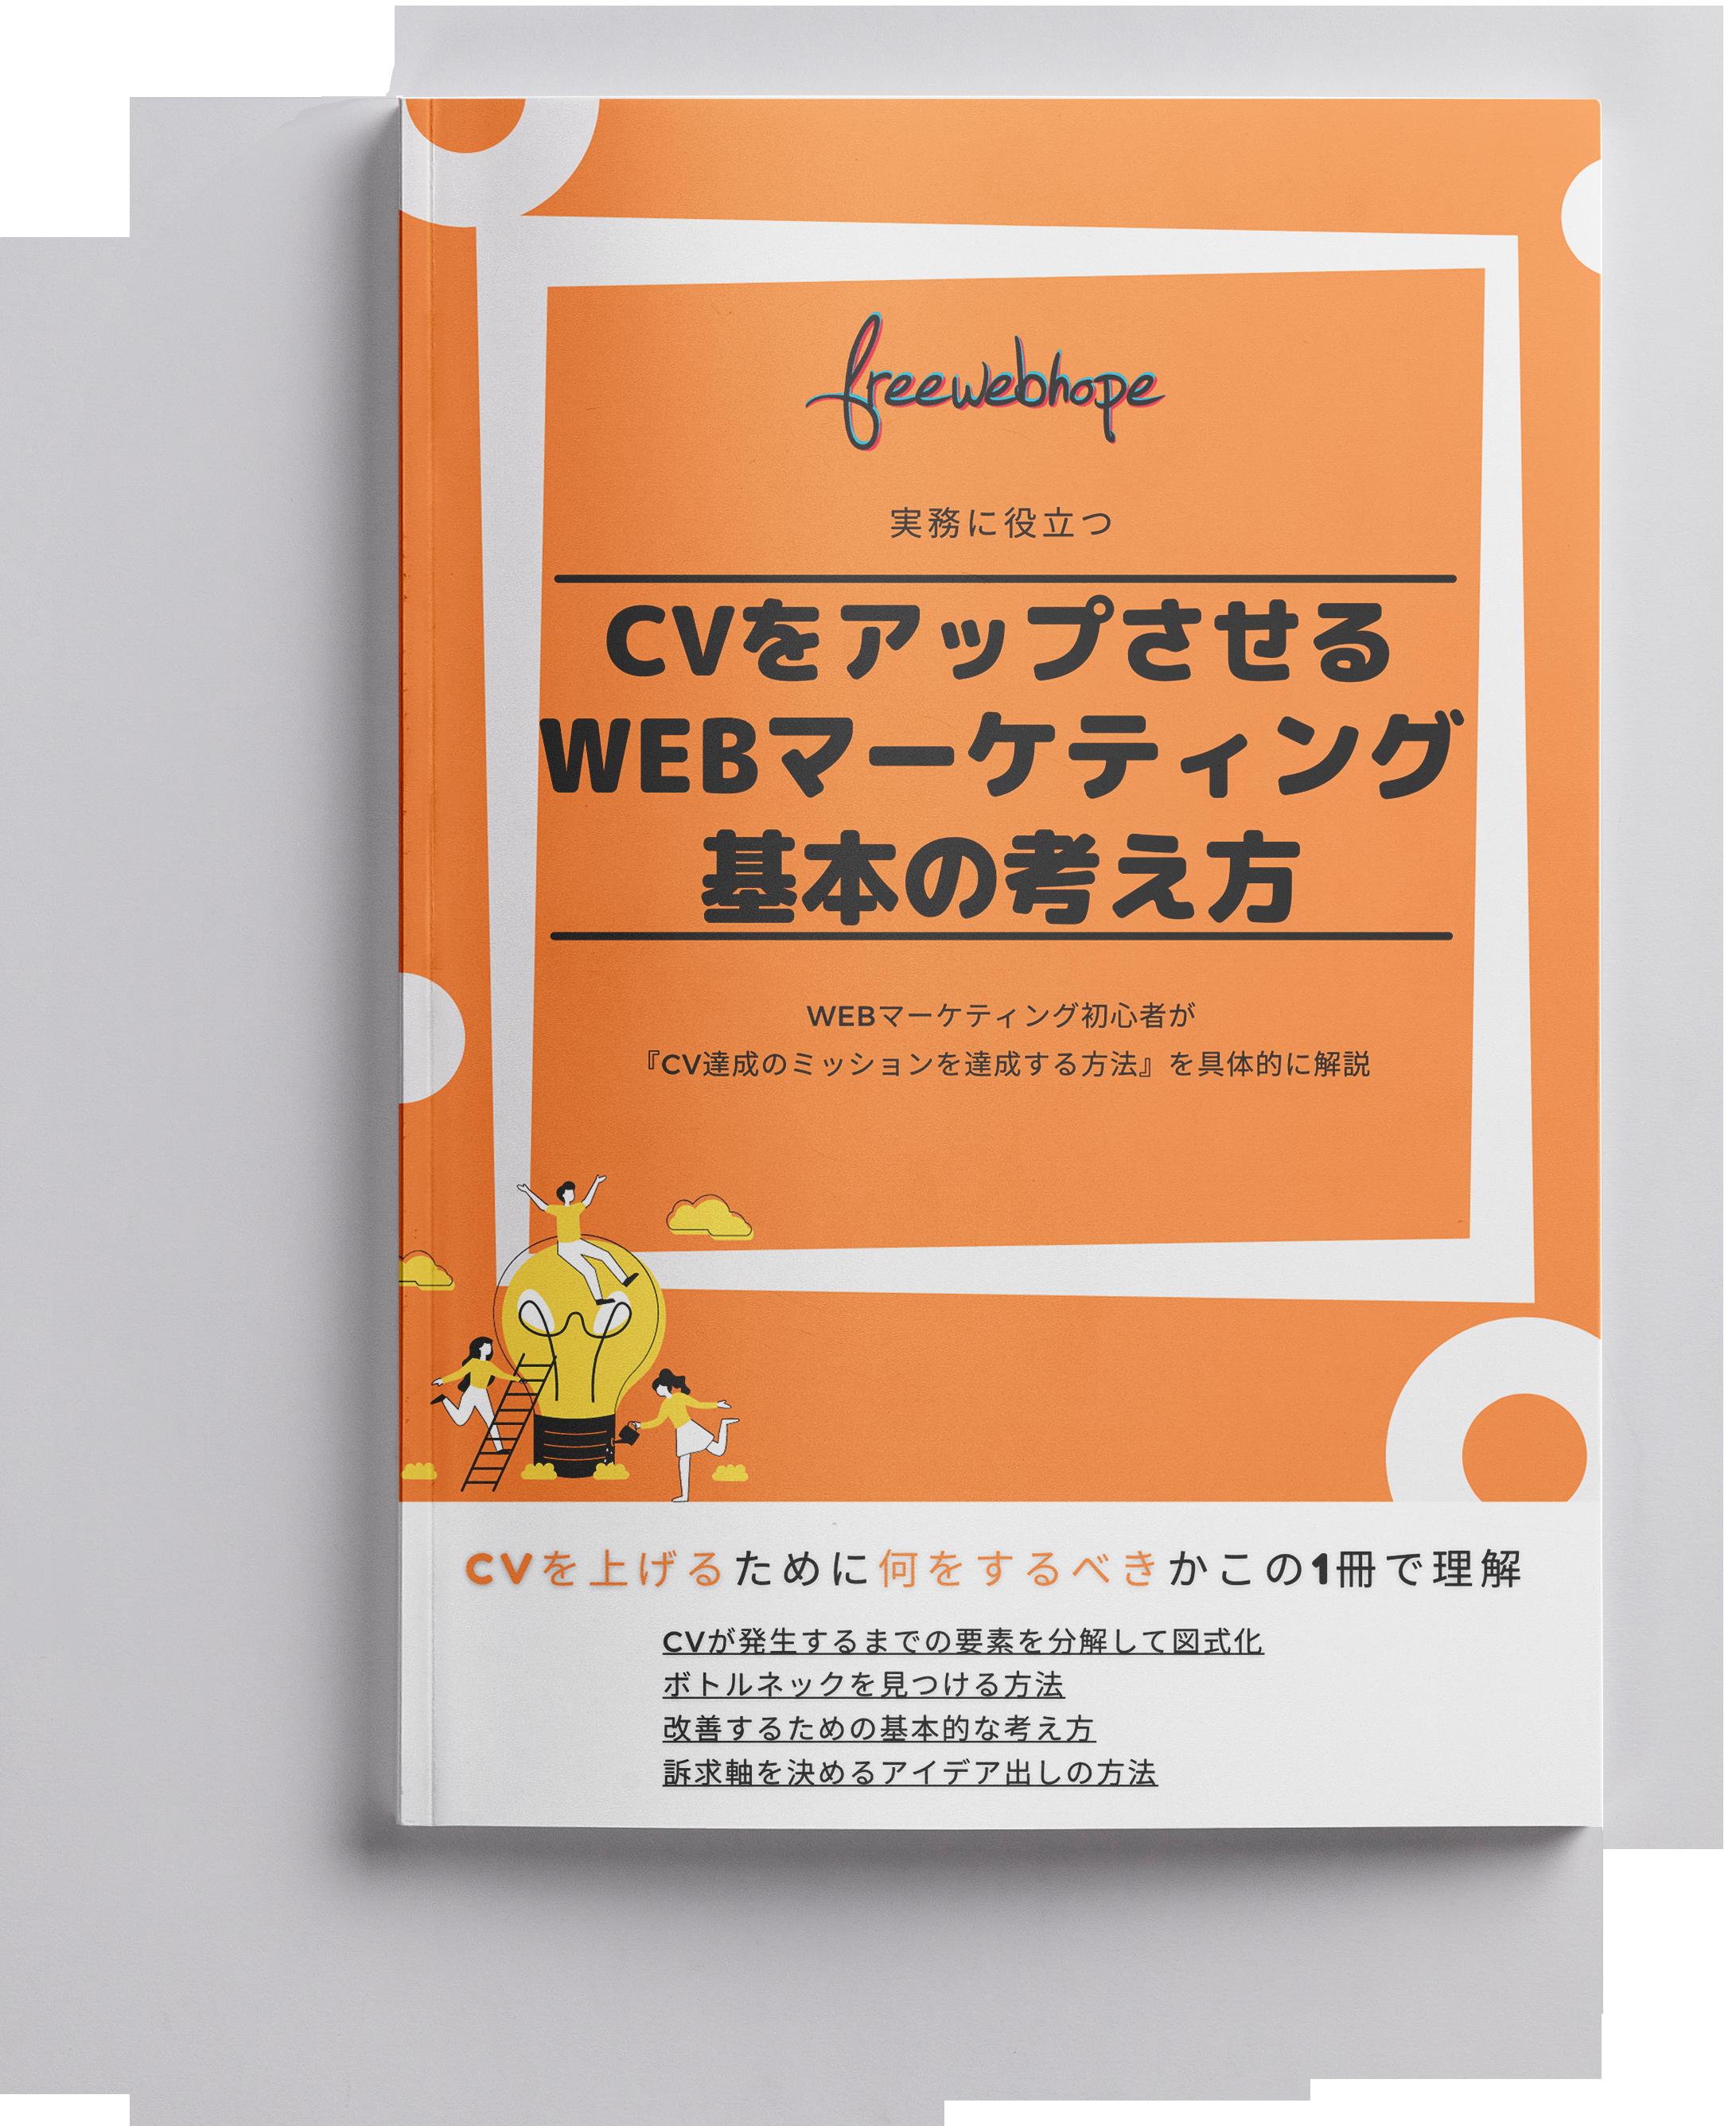 実務に役立つCVアップのためのWEBマーケティングの考え方